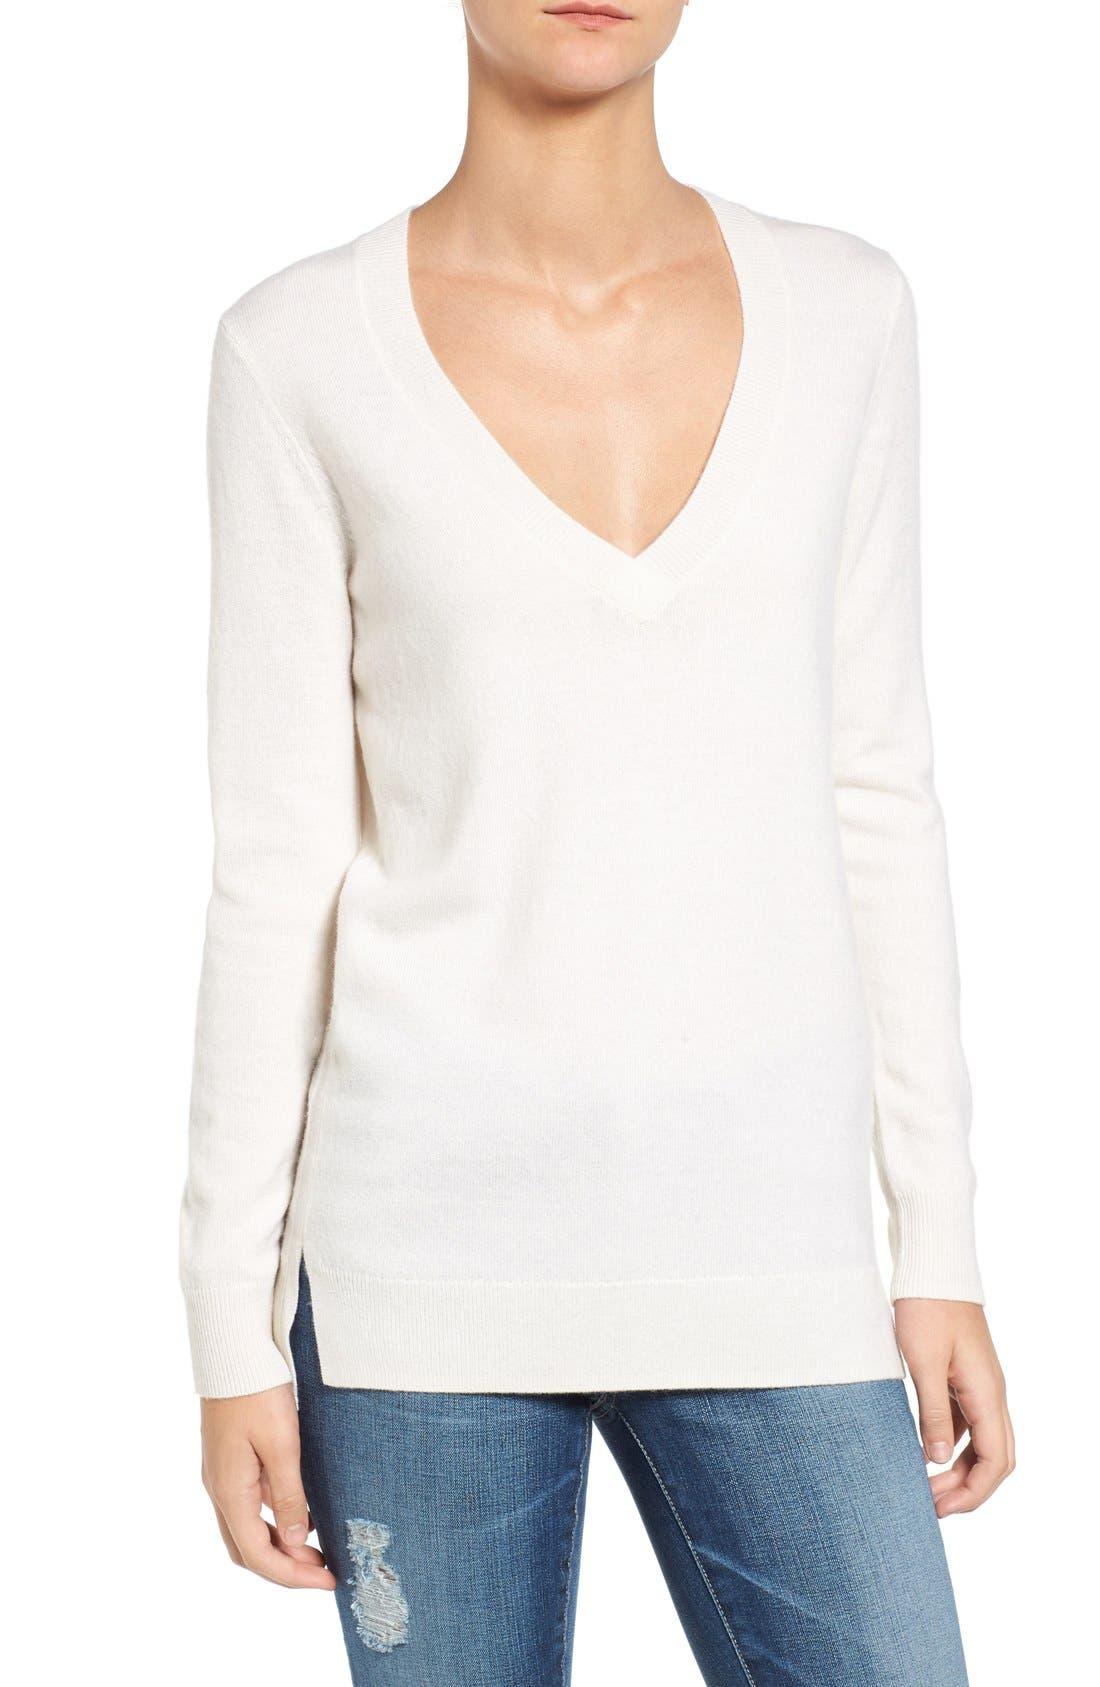 Luna V-Neck Merino & Cashmere Tunic Sweater,                         Main,                         color, Powdered White